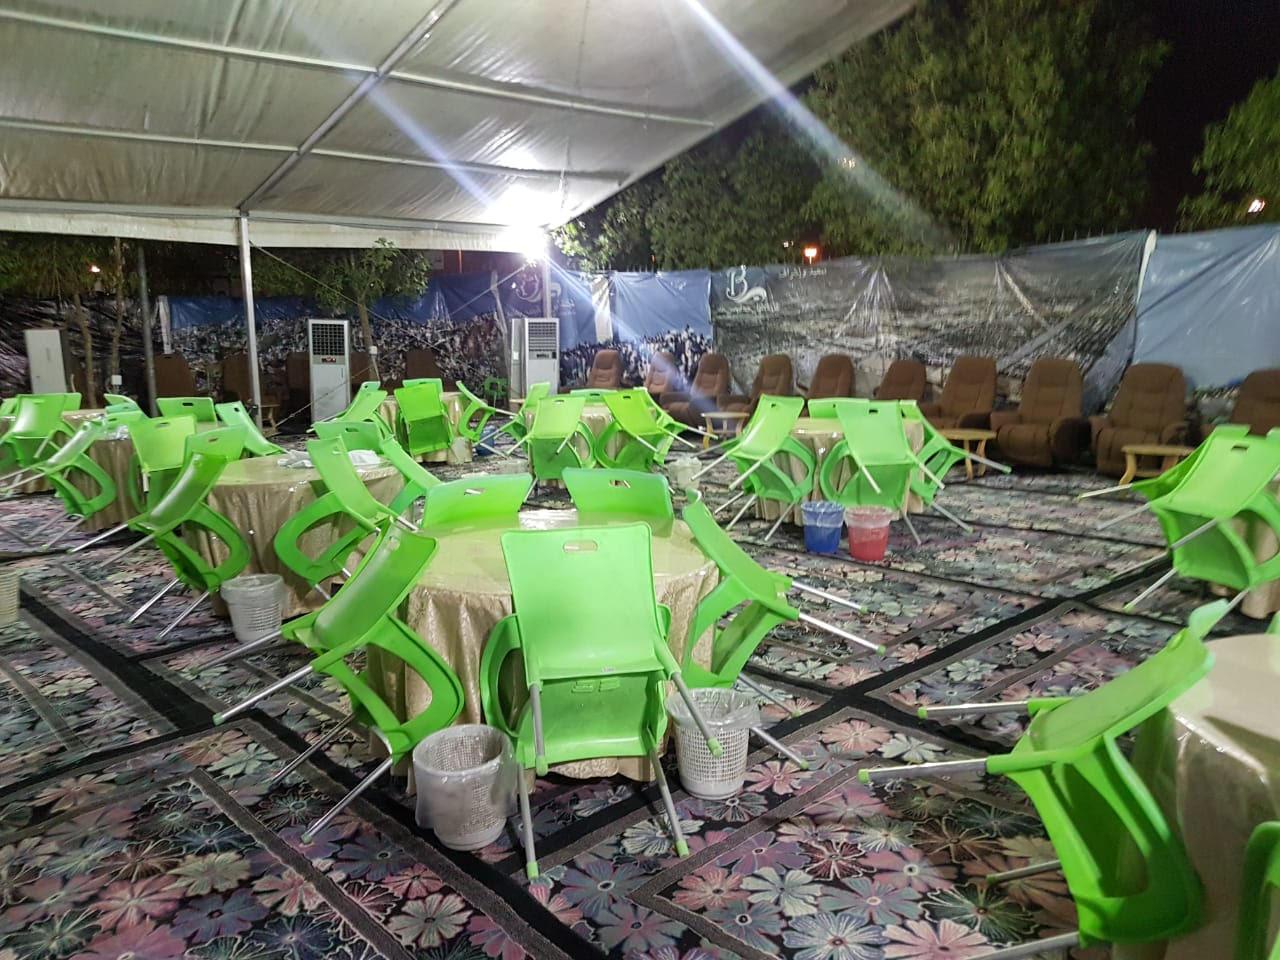 خيام أوروبية في مخيمات الحجاج العرب بعرفات لأول مرة